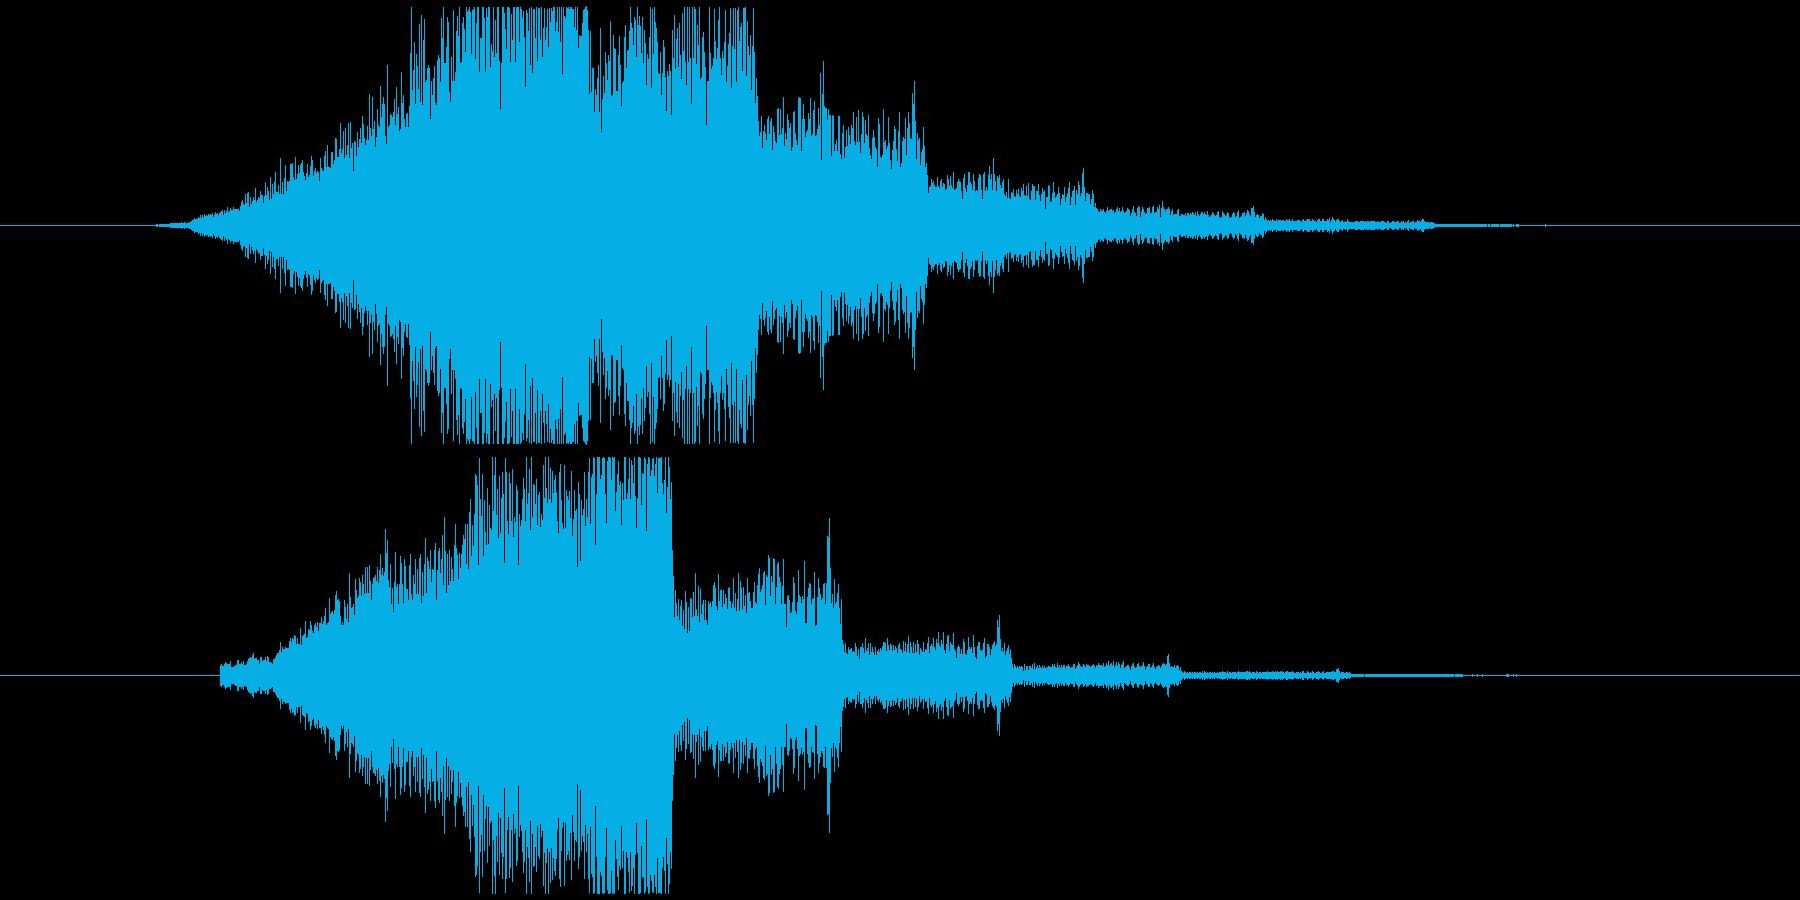 ジャーン(企業ロゴ、スピード)の再生済みの波形